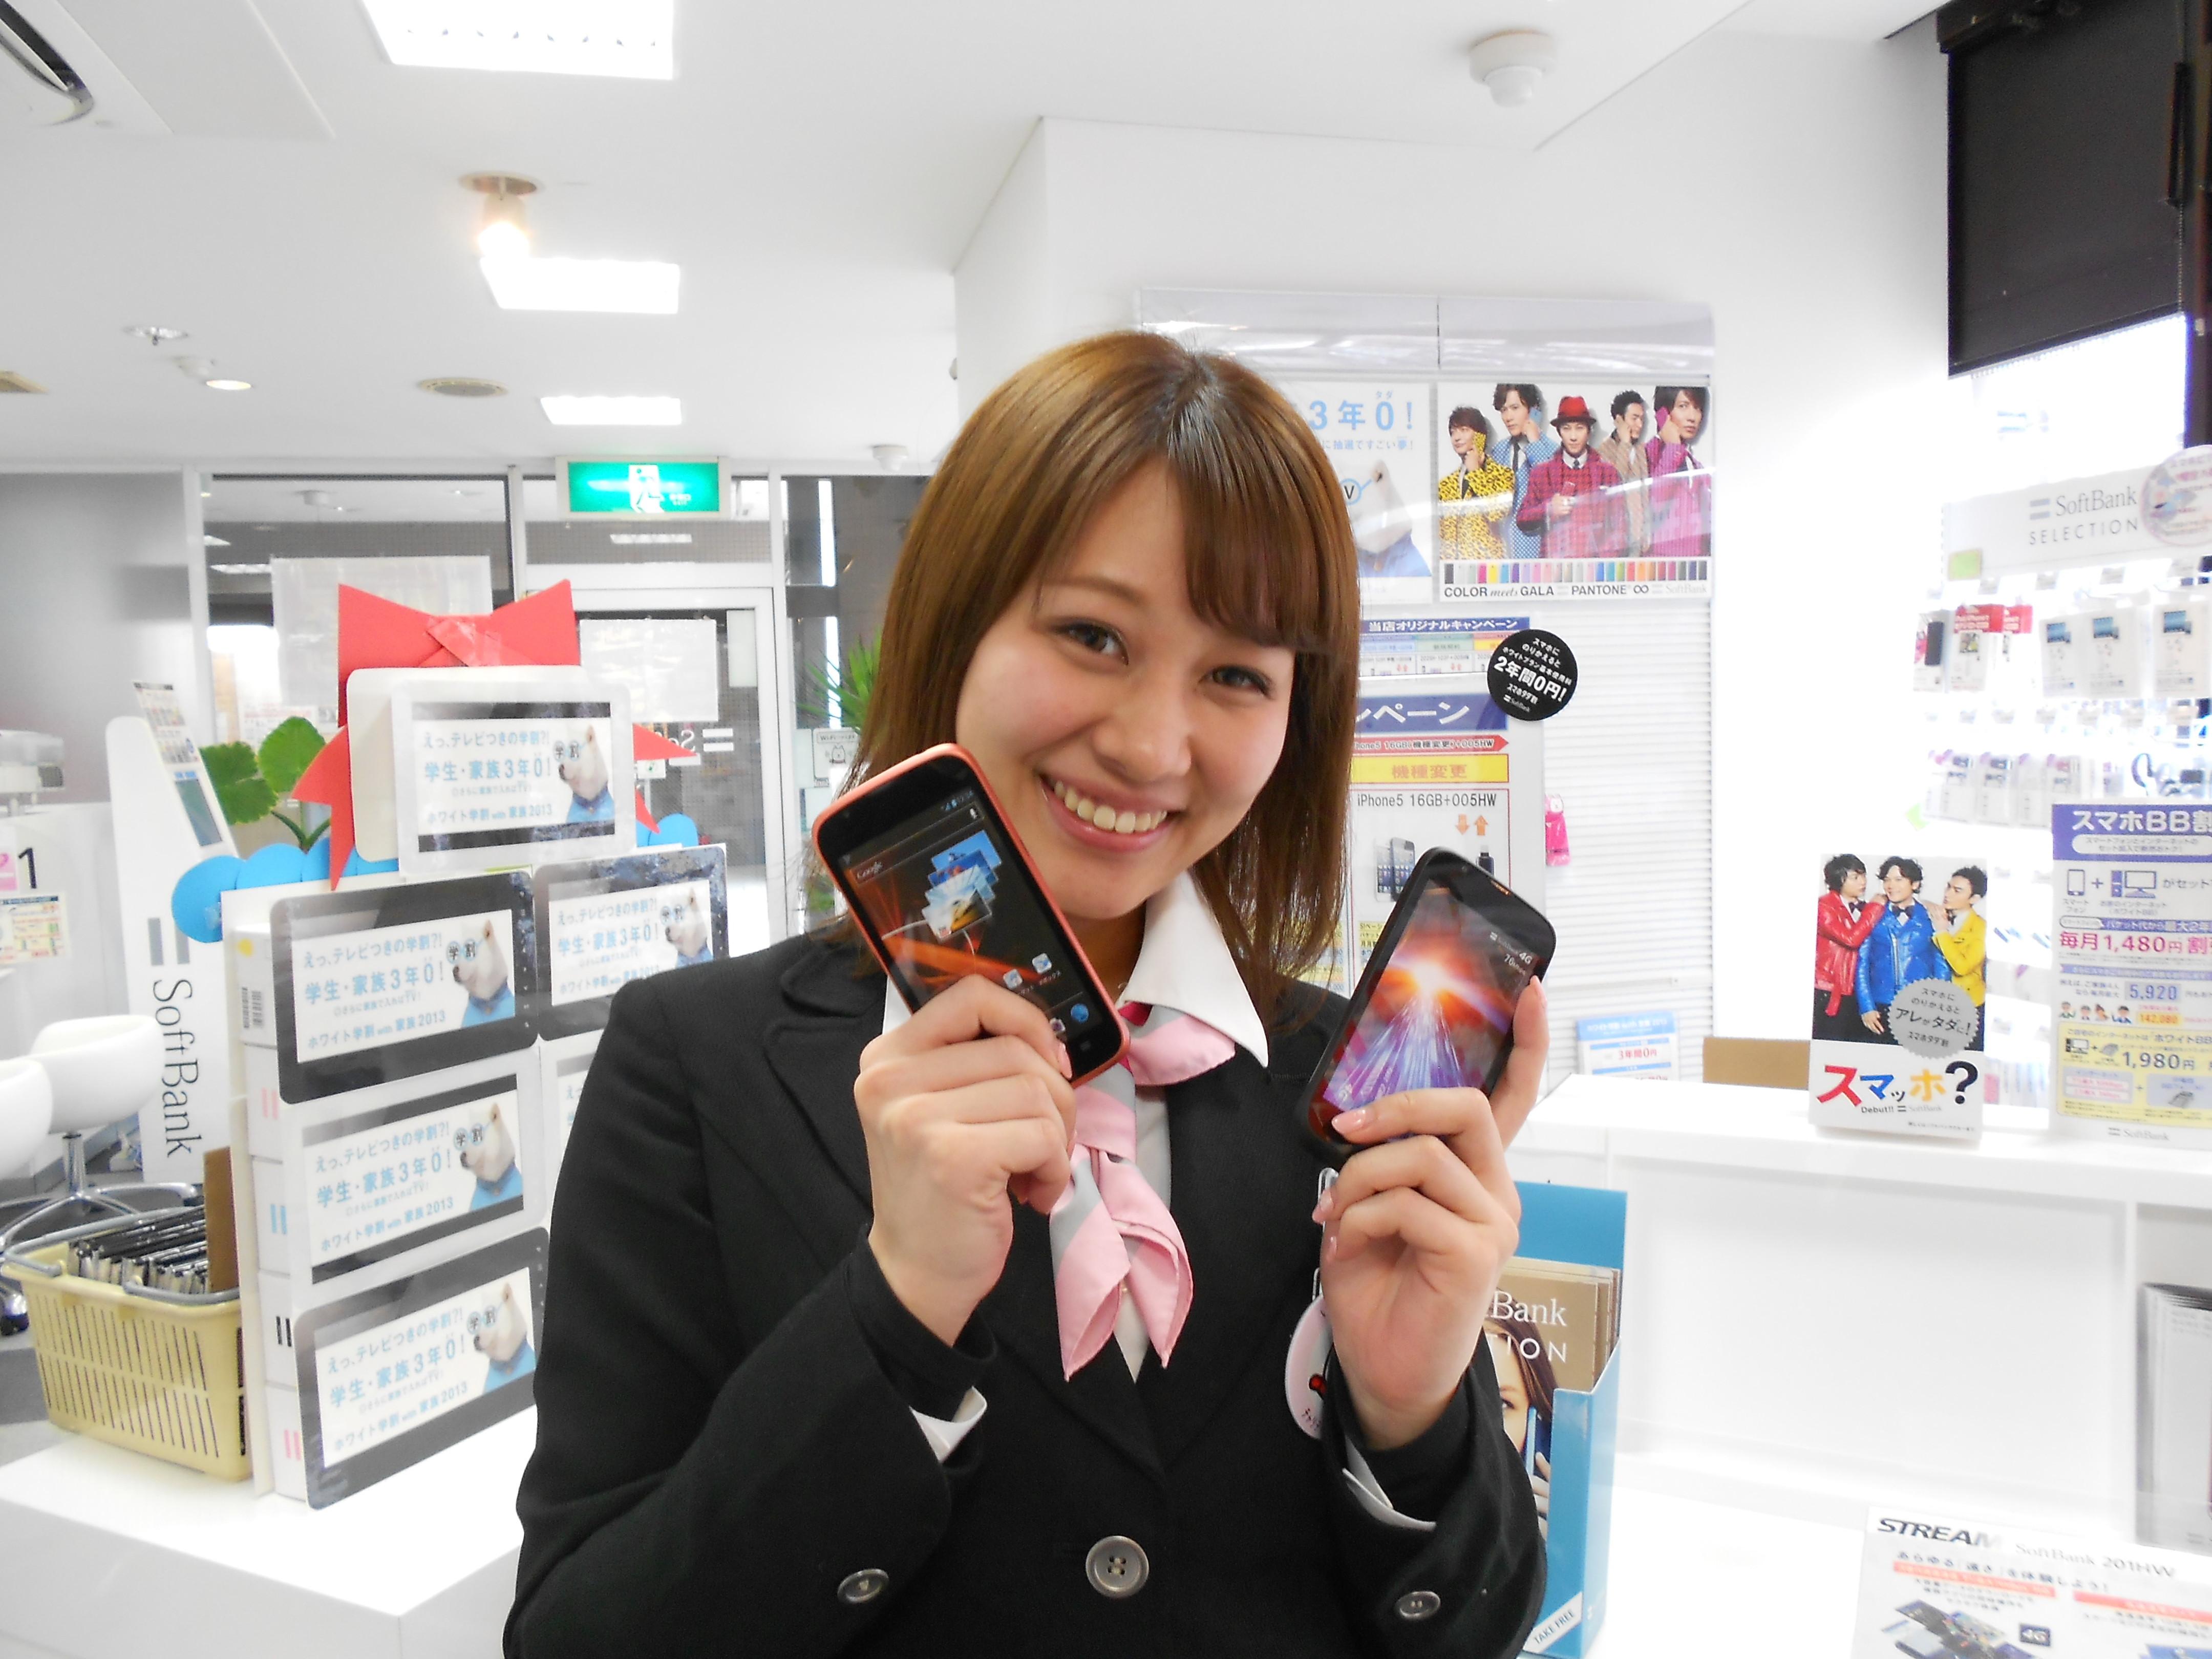 ソフトバンク 宇都宮桜(株式会社シエロ)のアルバイト情報